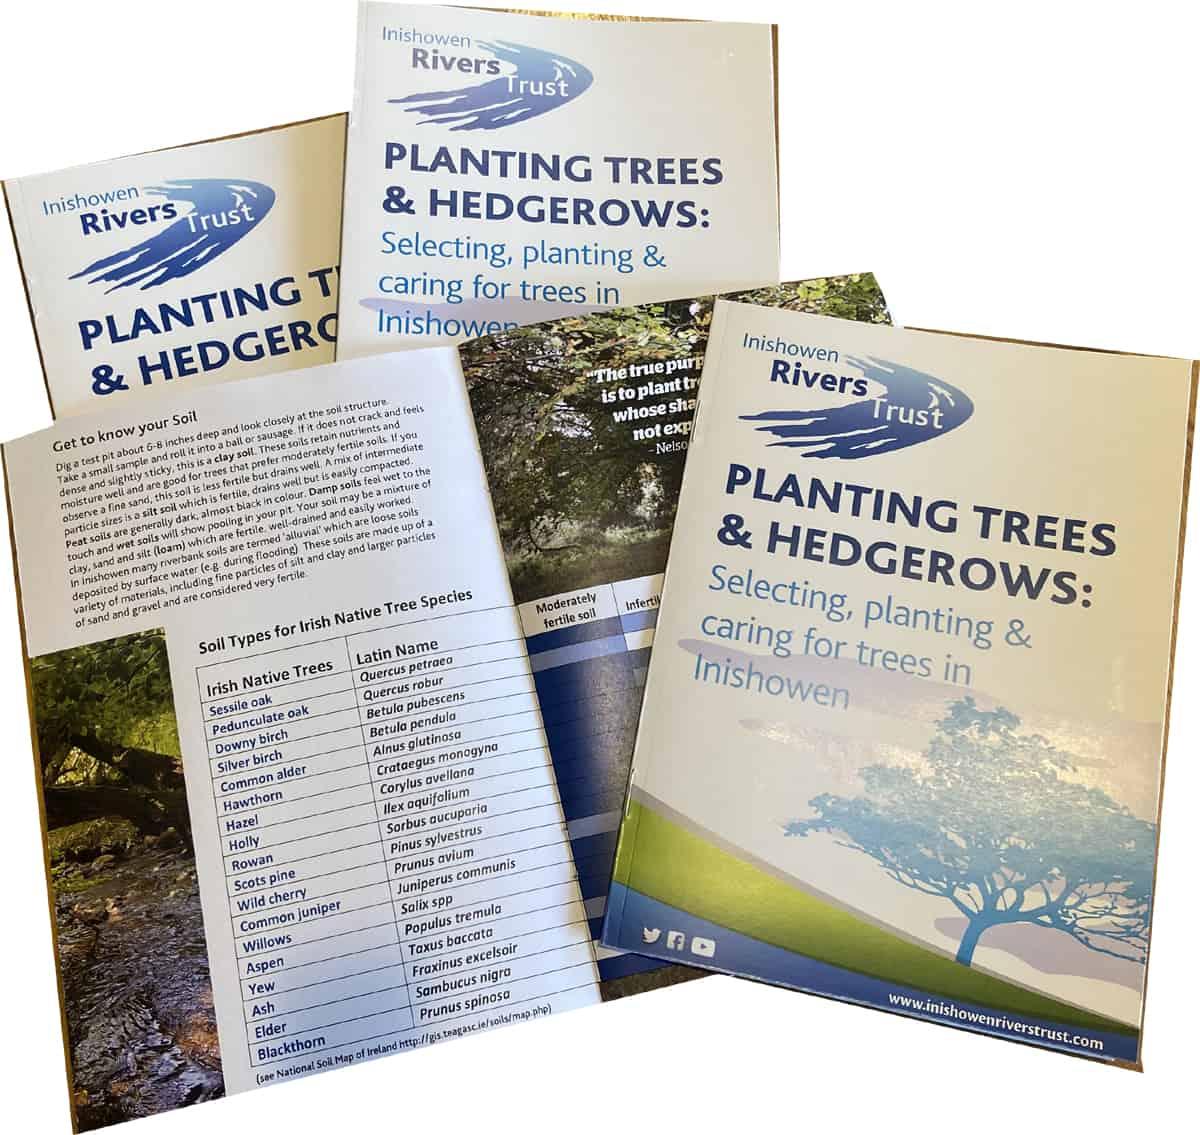 Planting_Trees_&_Hedgerows_Nov2020